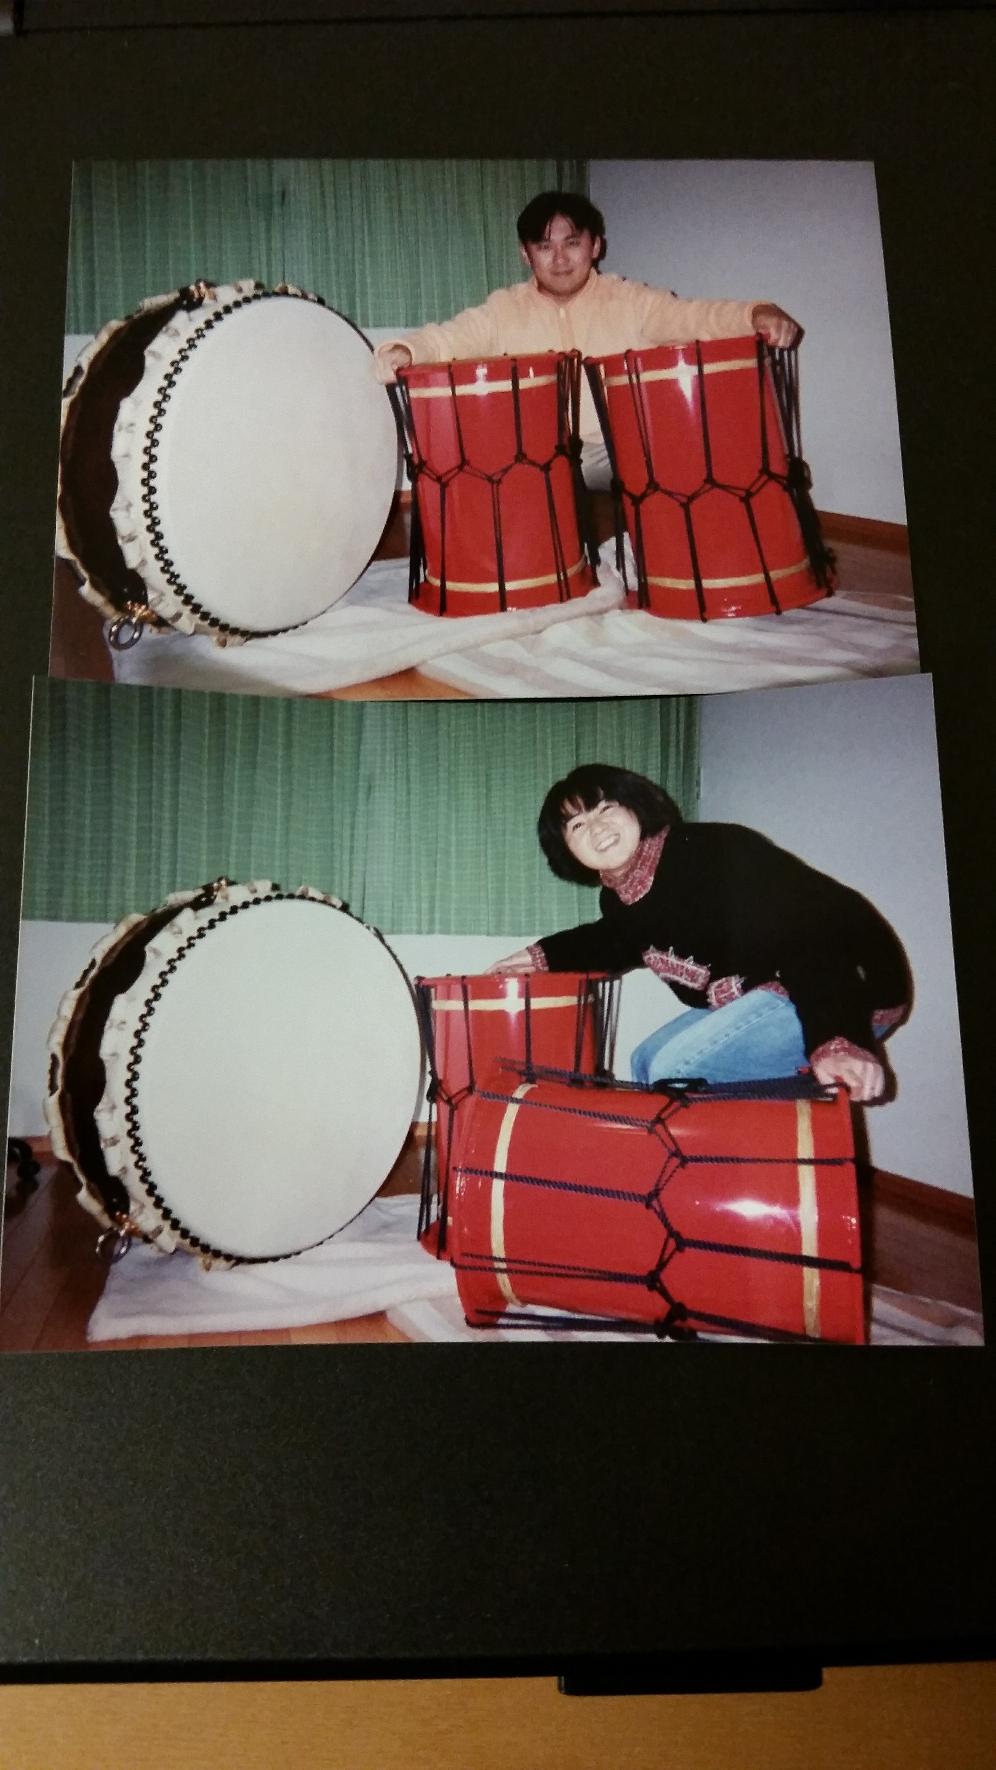 2001年1月 我が家に太鼓が届いた記念日